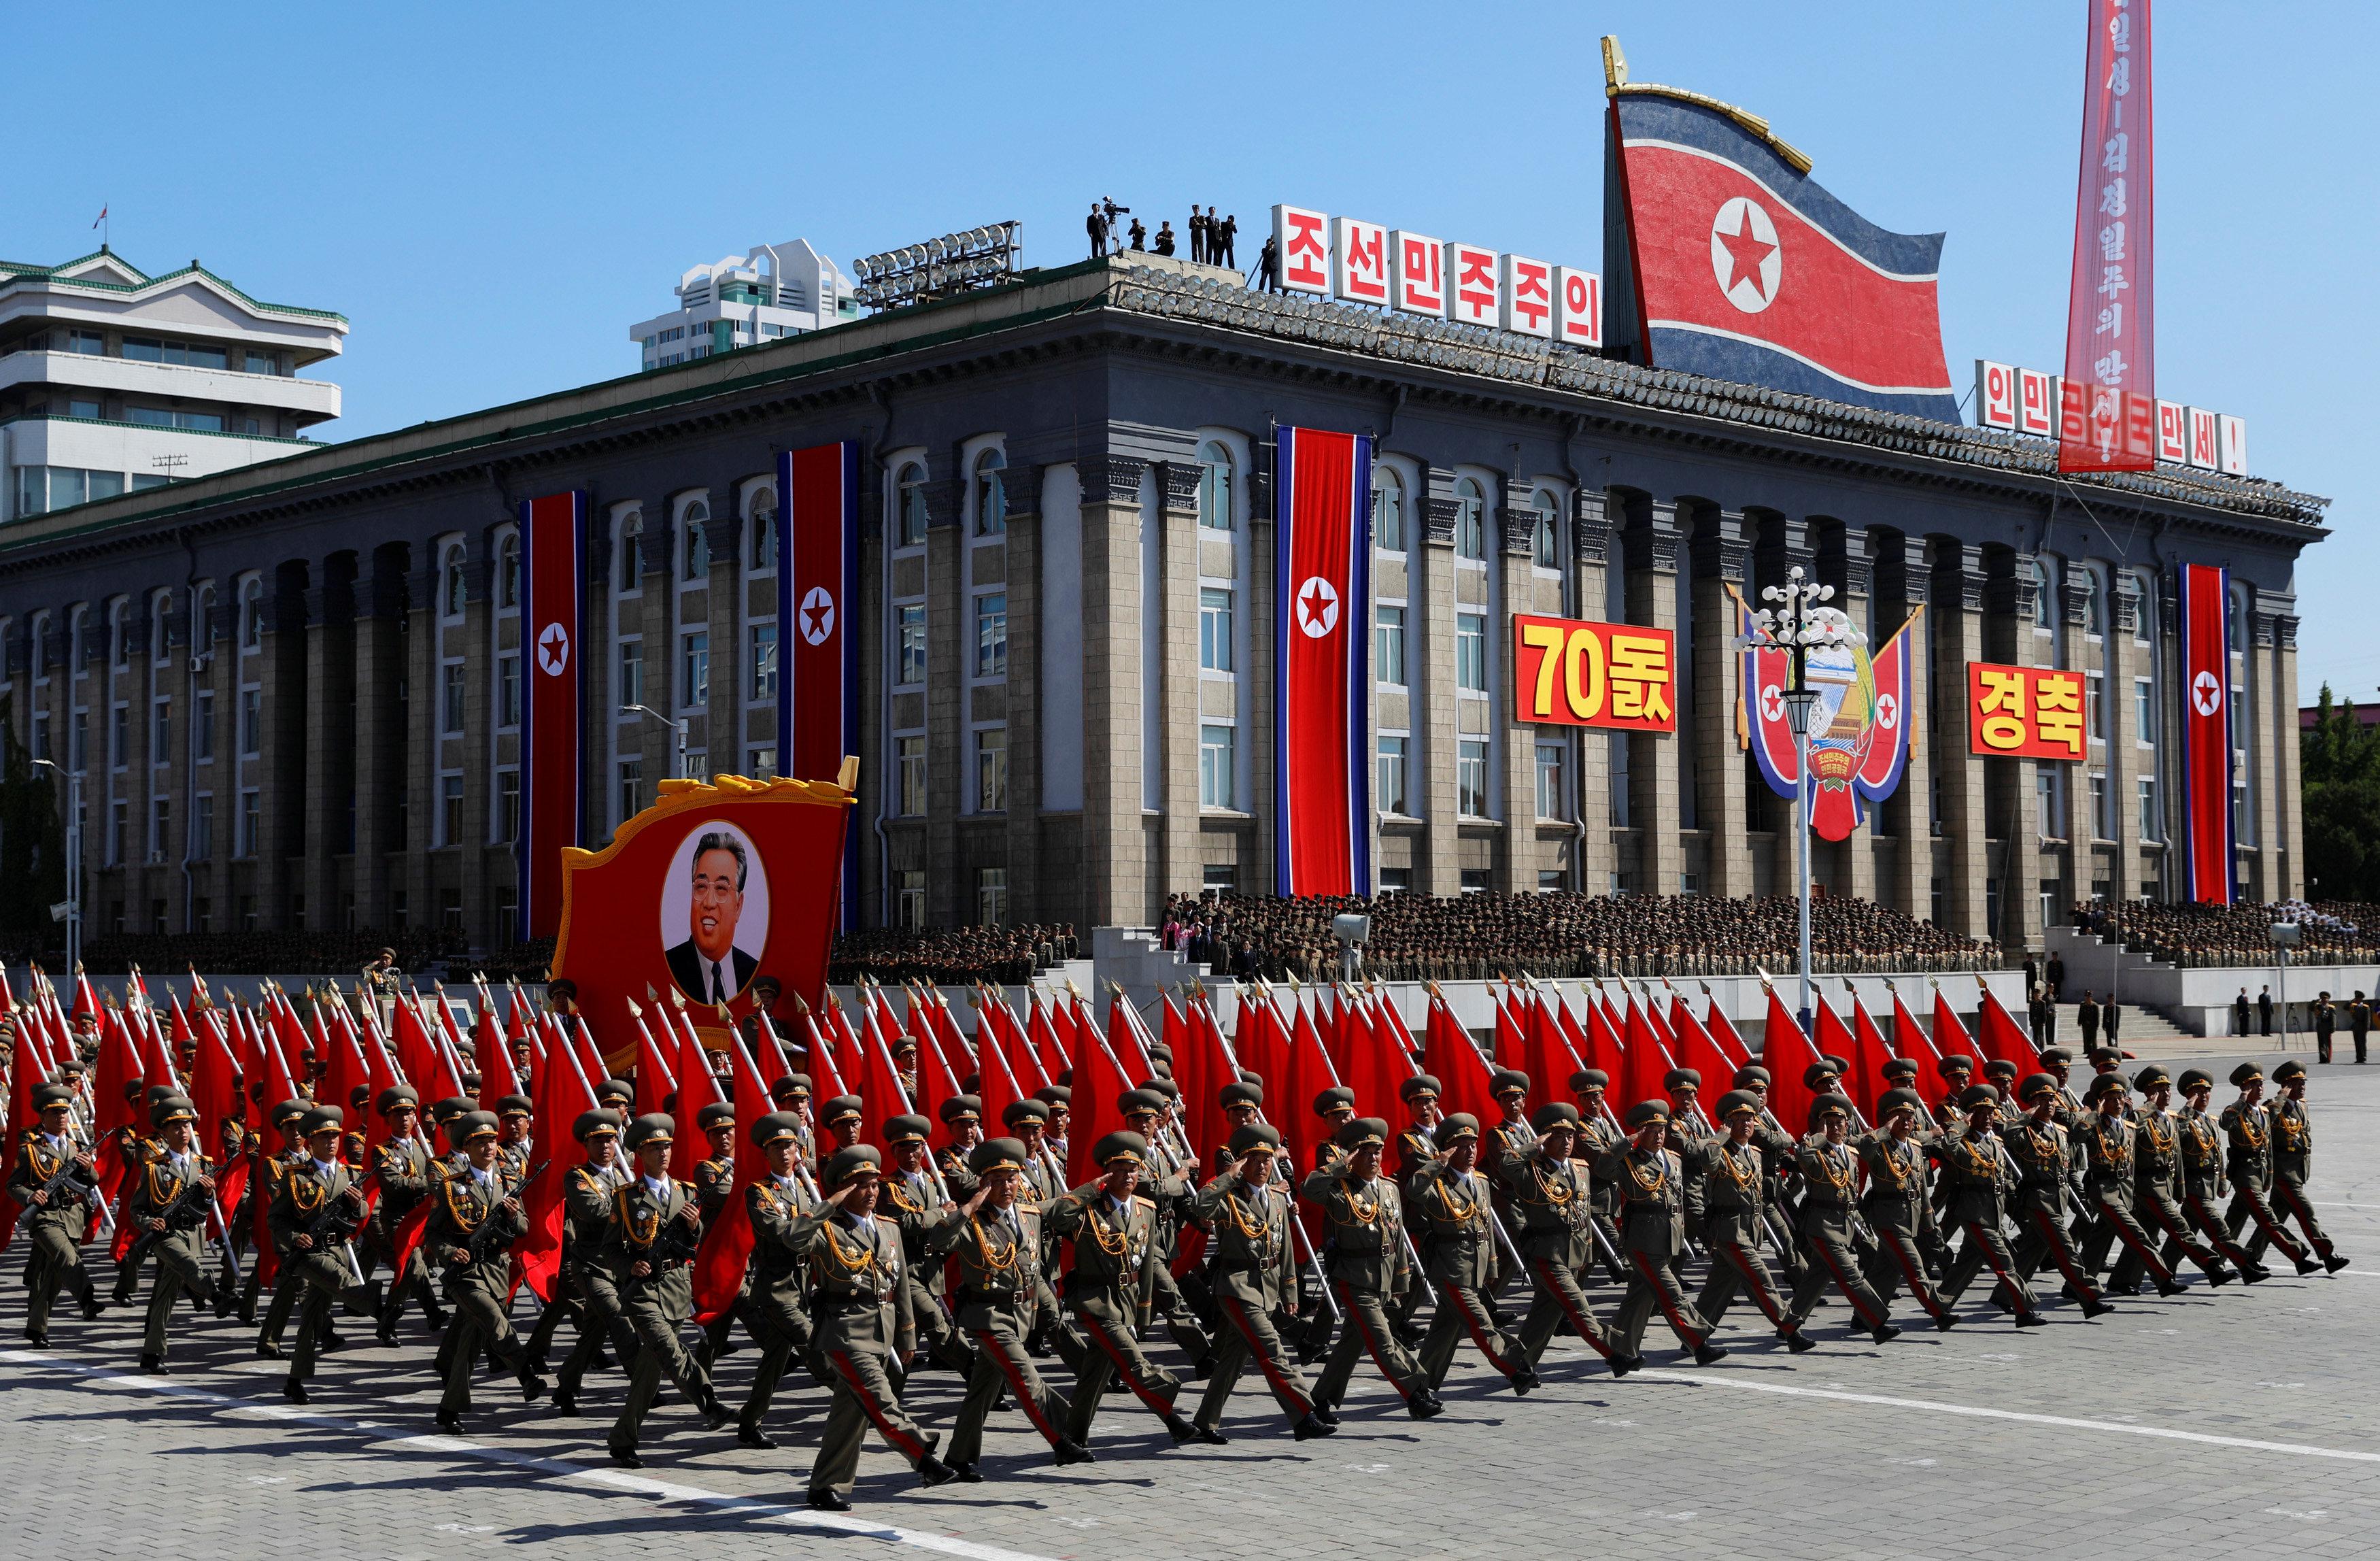 جنود يسيرون خلال مسيرة عسكرية بمناسبة الذكرى السبعين لتأسيس كوريا الشمالية